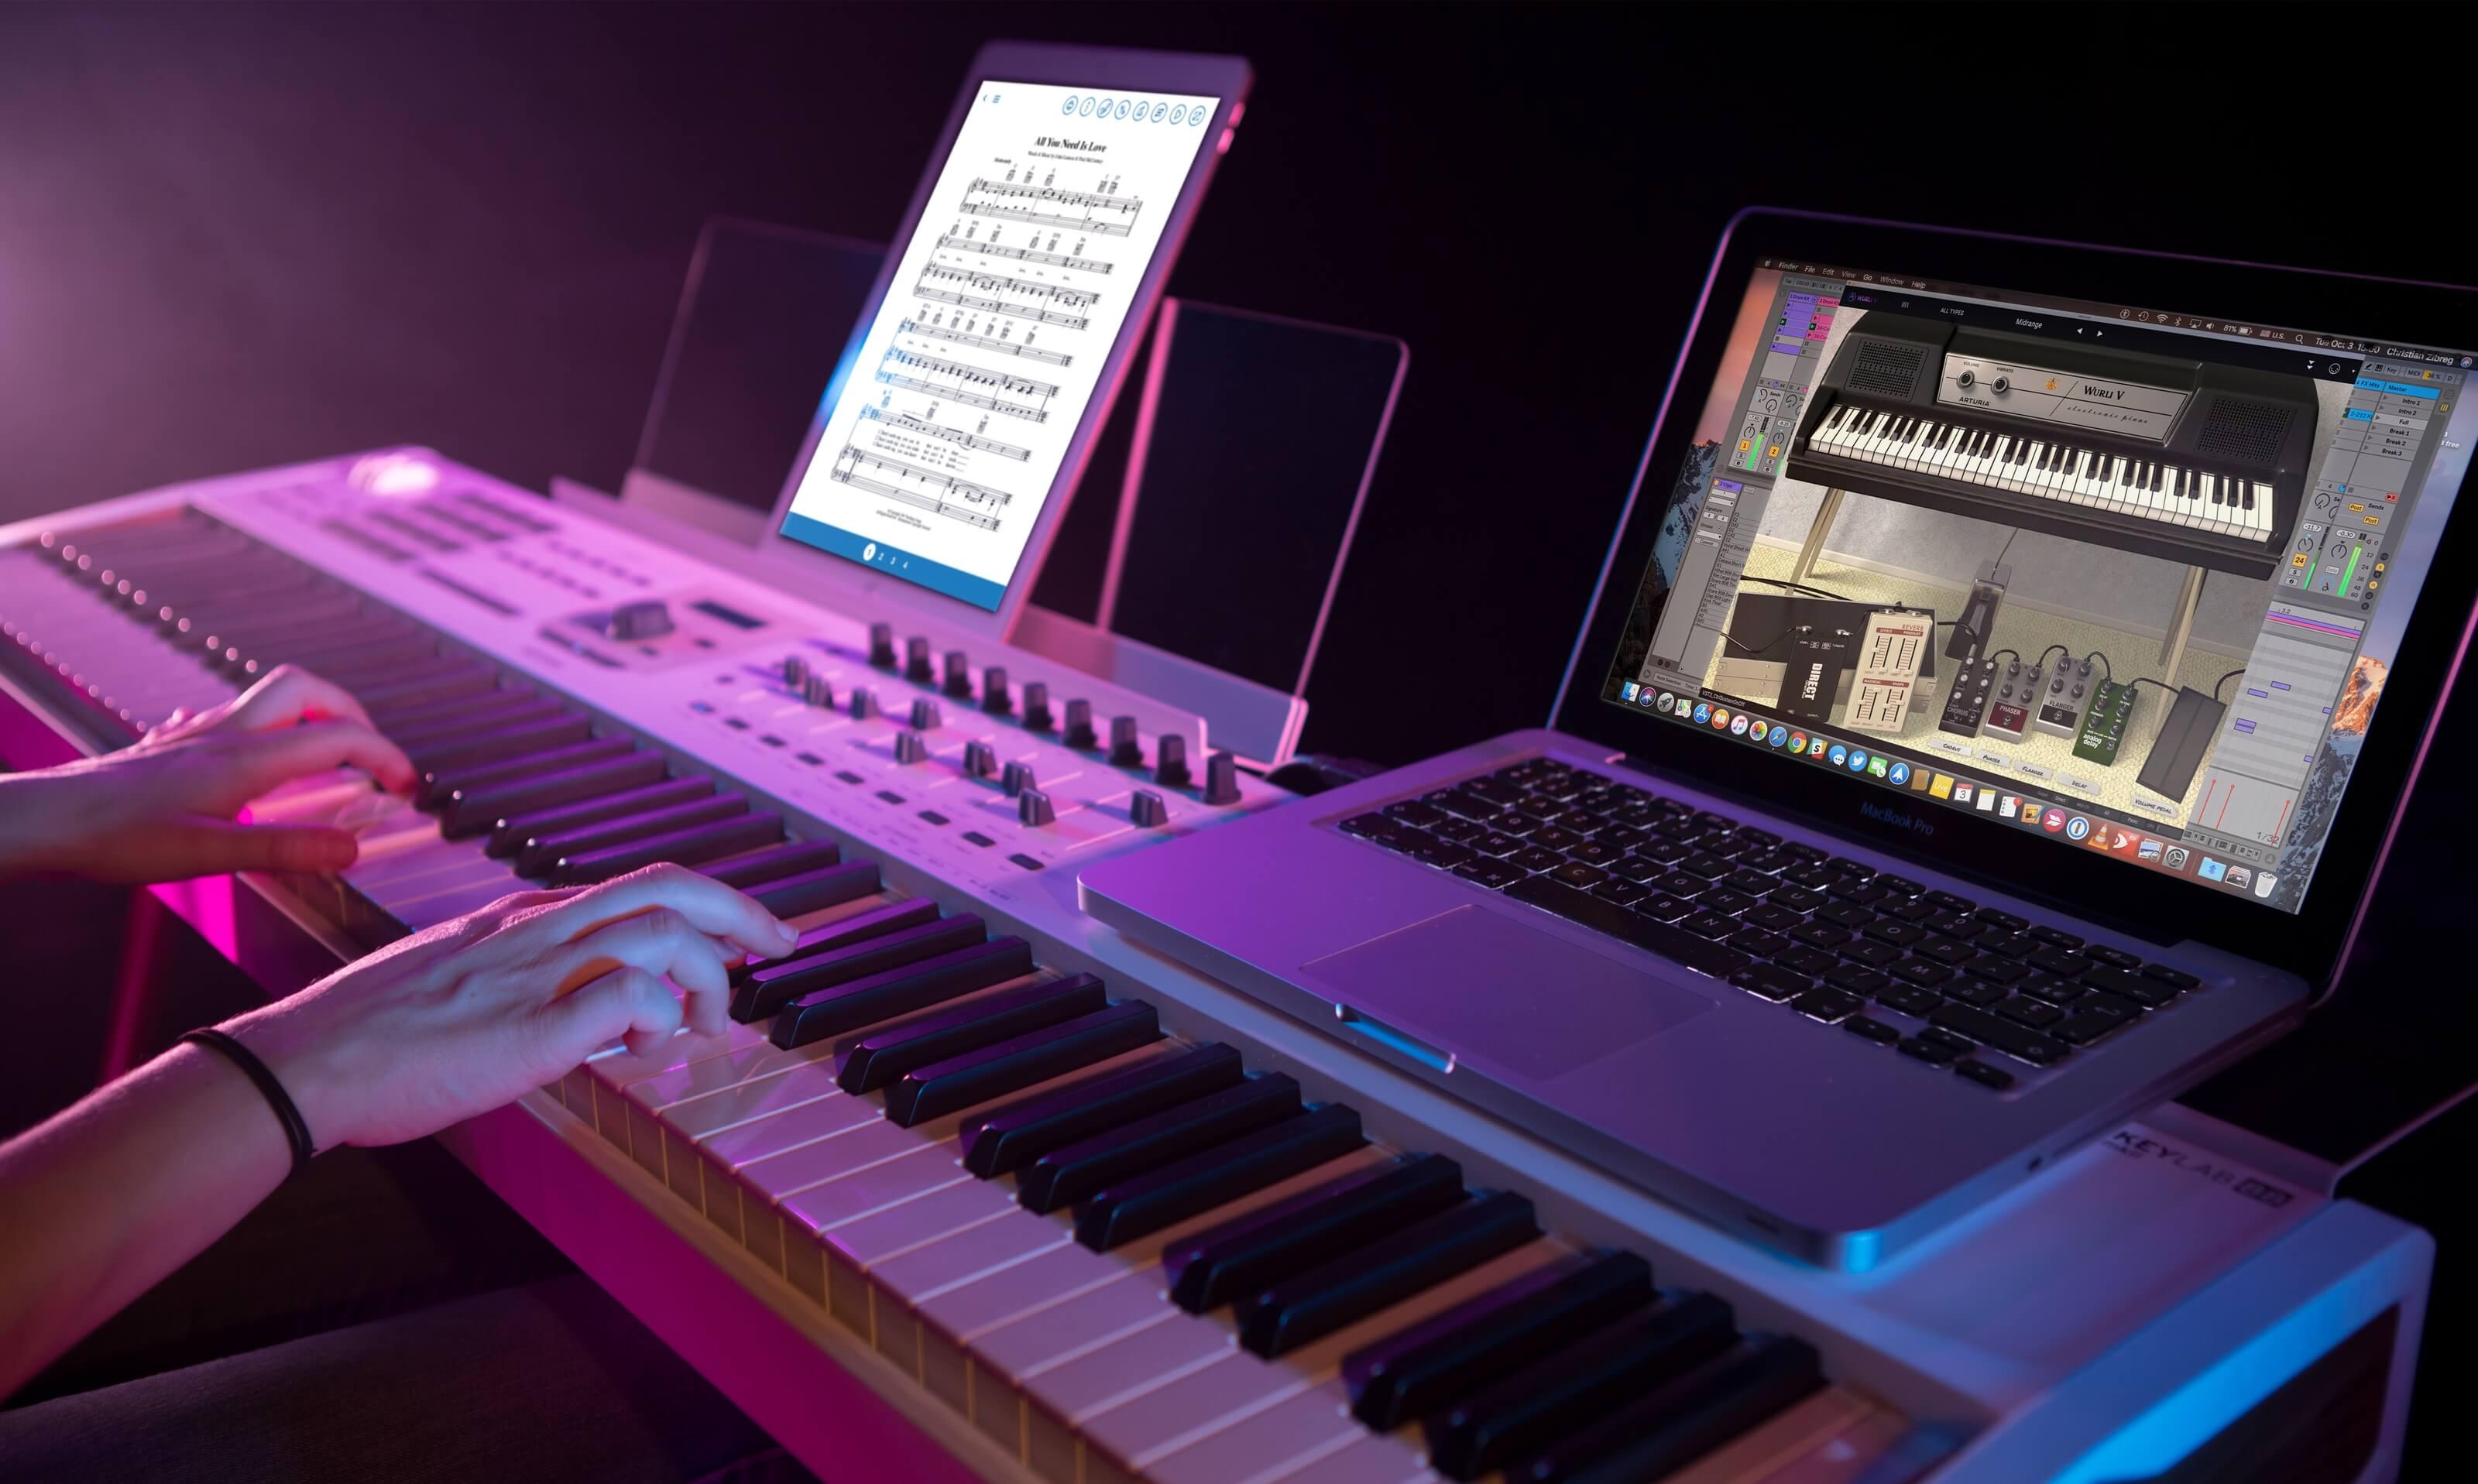 arturia announces keylab 88 mkii controller keyboard